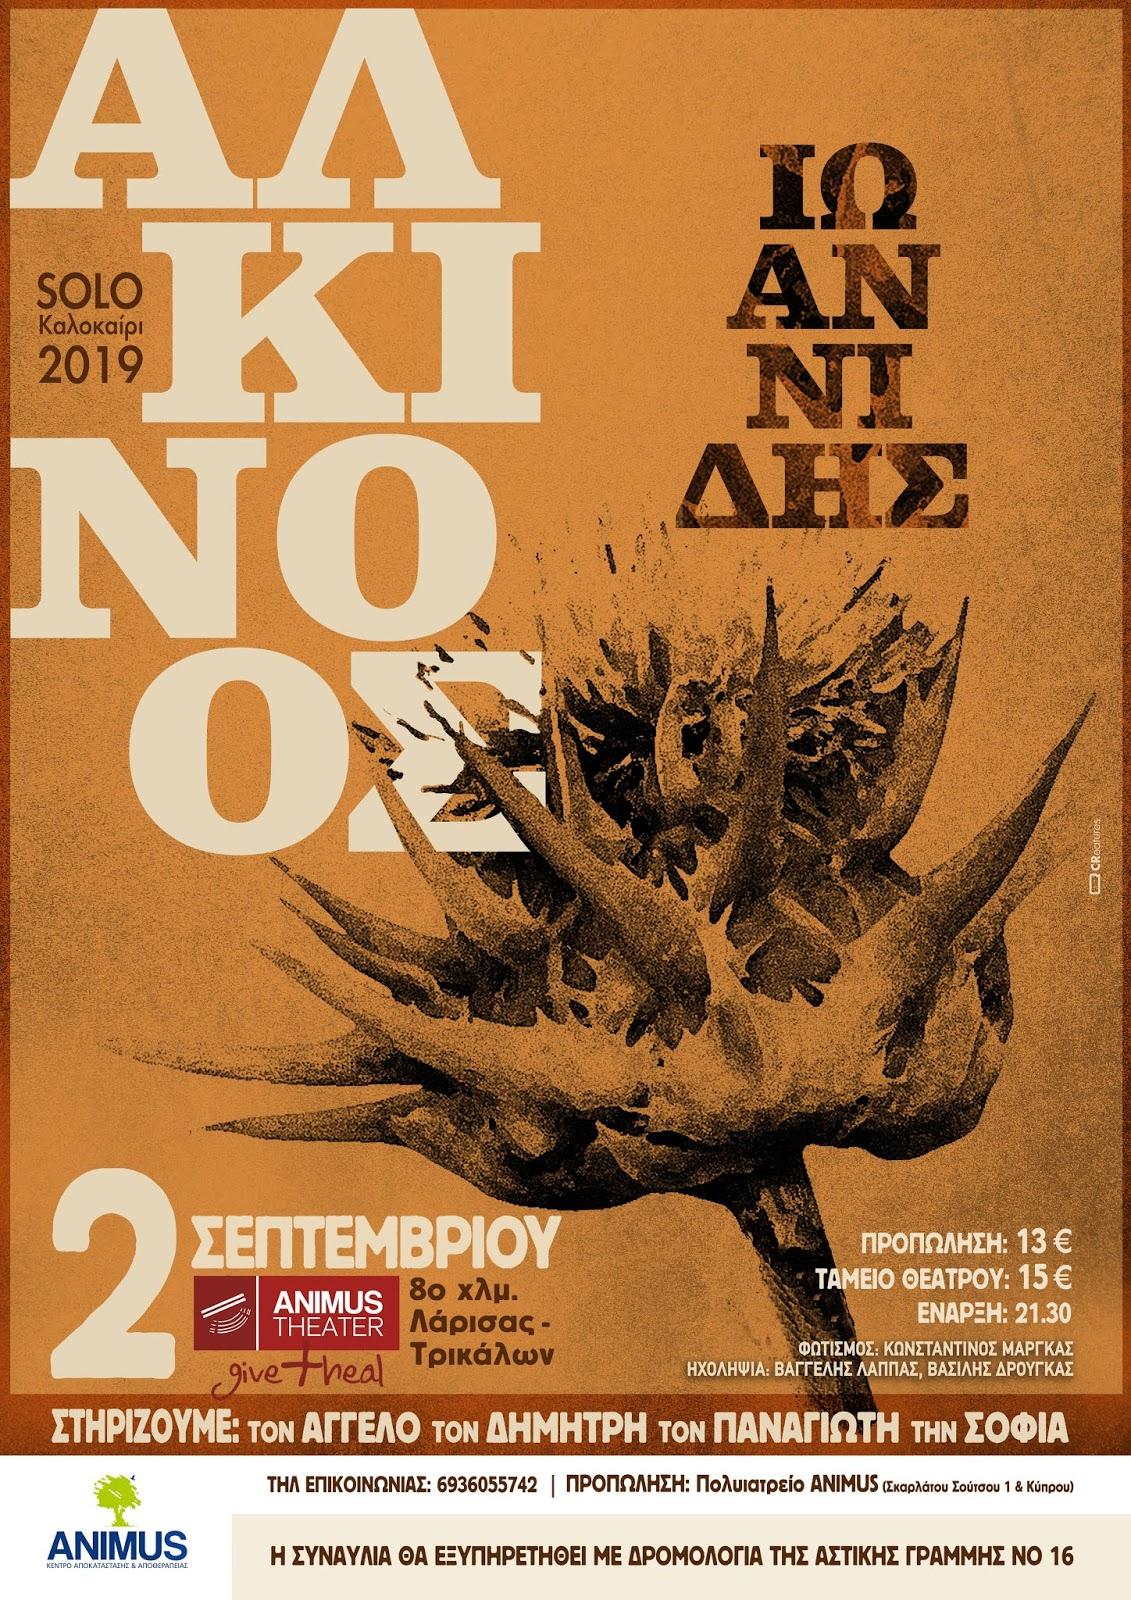 Ο Aλκίνοος Ιωαννίδης στο ANIMUS Theater για καλό σκοπό!